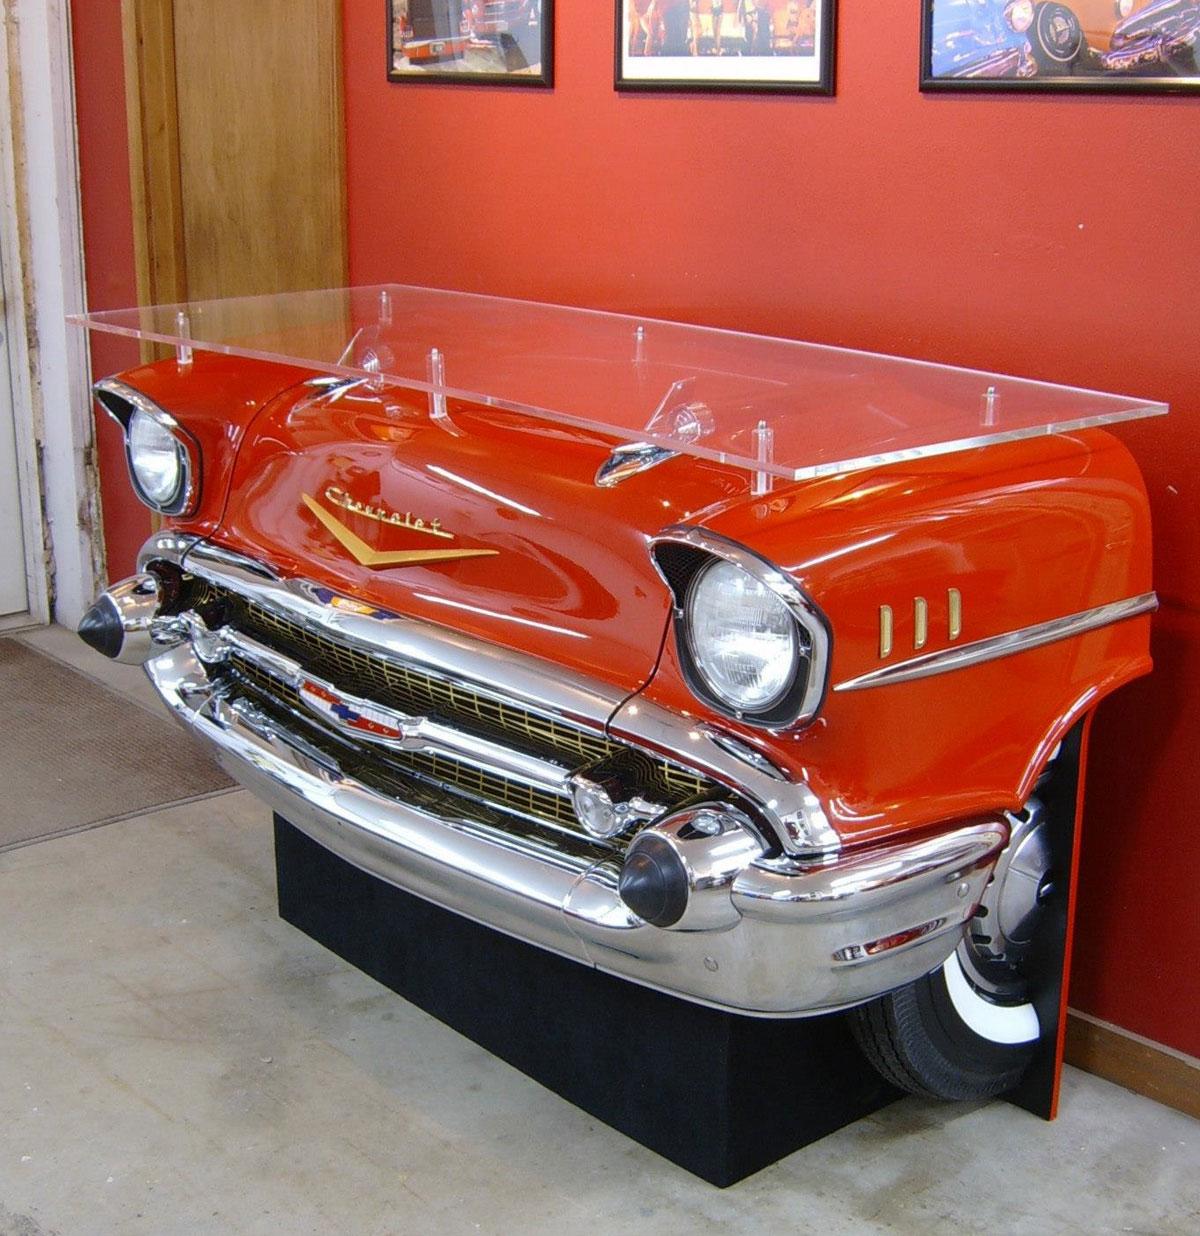 1957 Chevrolet Bel-Air Bar - Van een echte auto